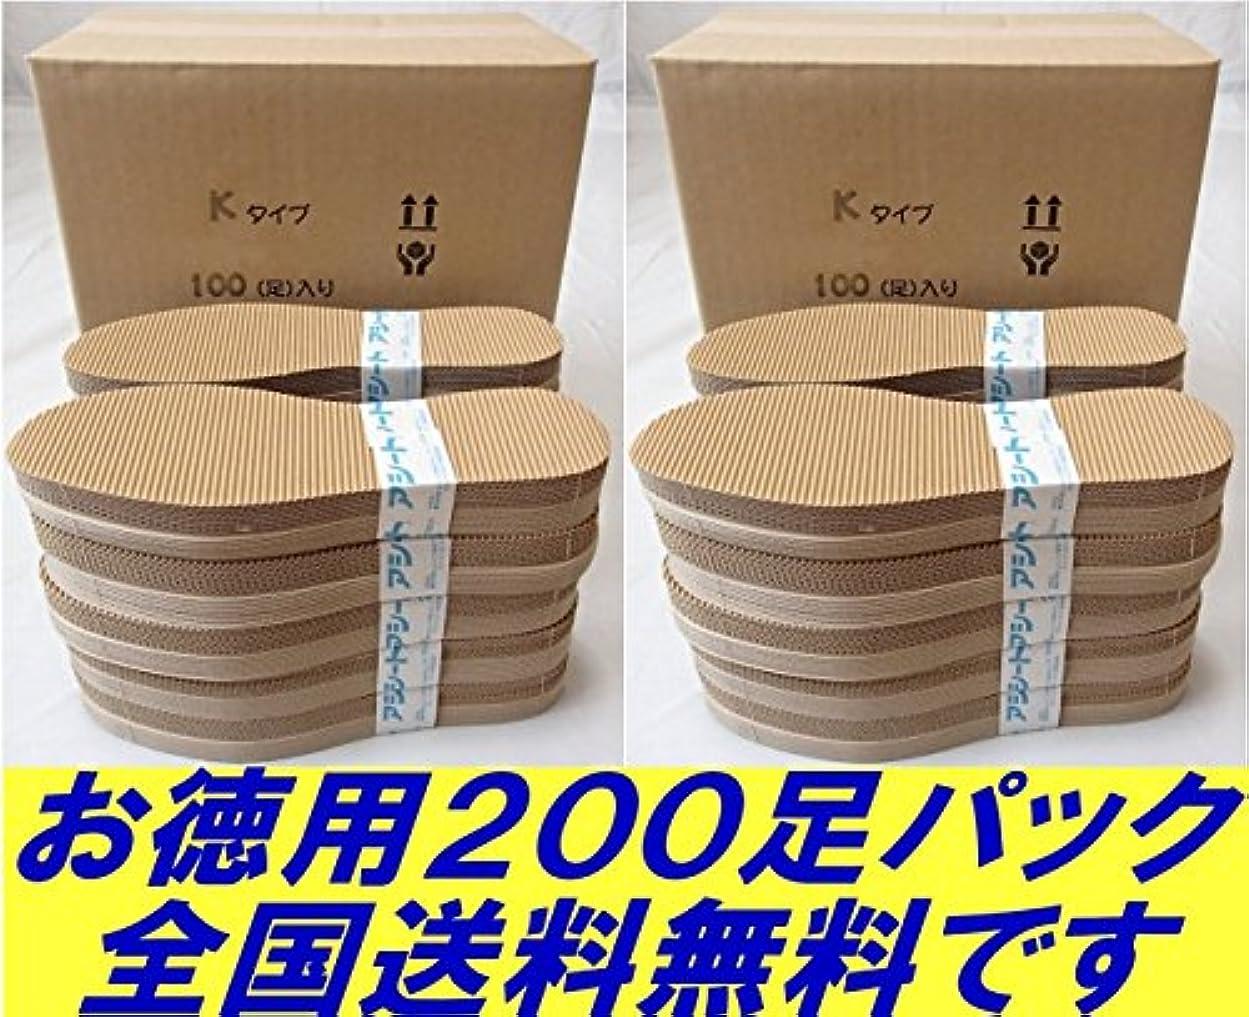 竜巻叱るピクニックをするアシートKタイプお得用パック200足入り (27.5~28.0cm)